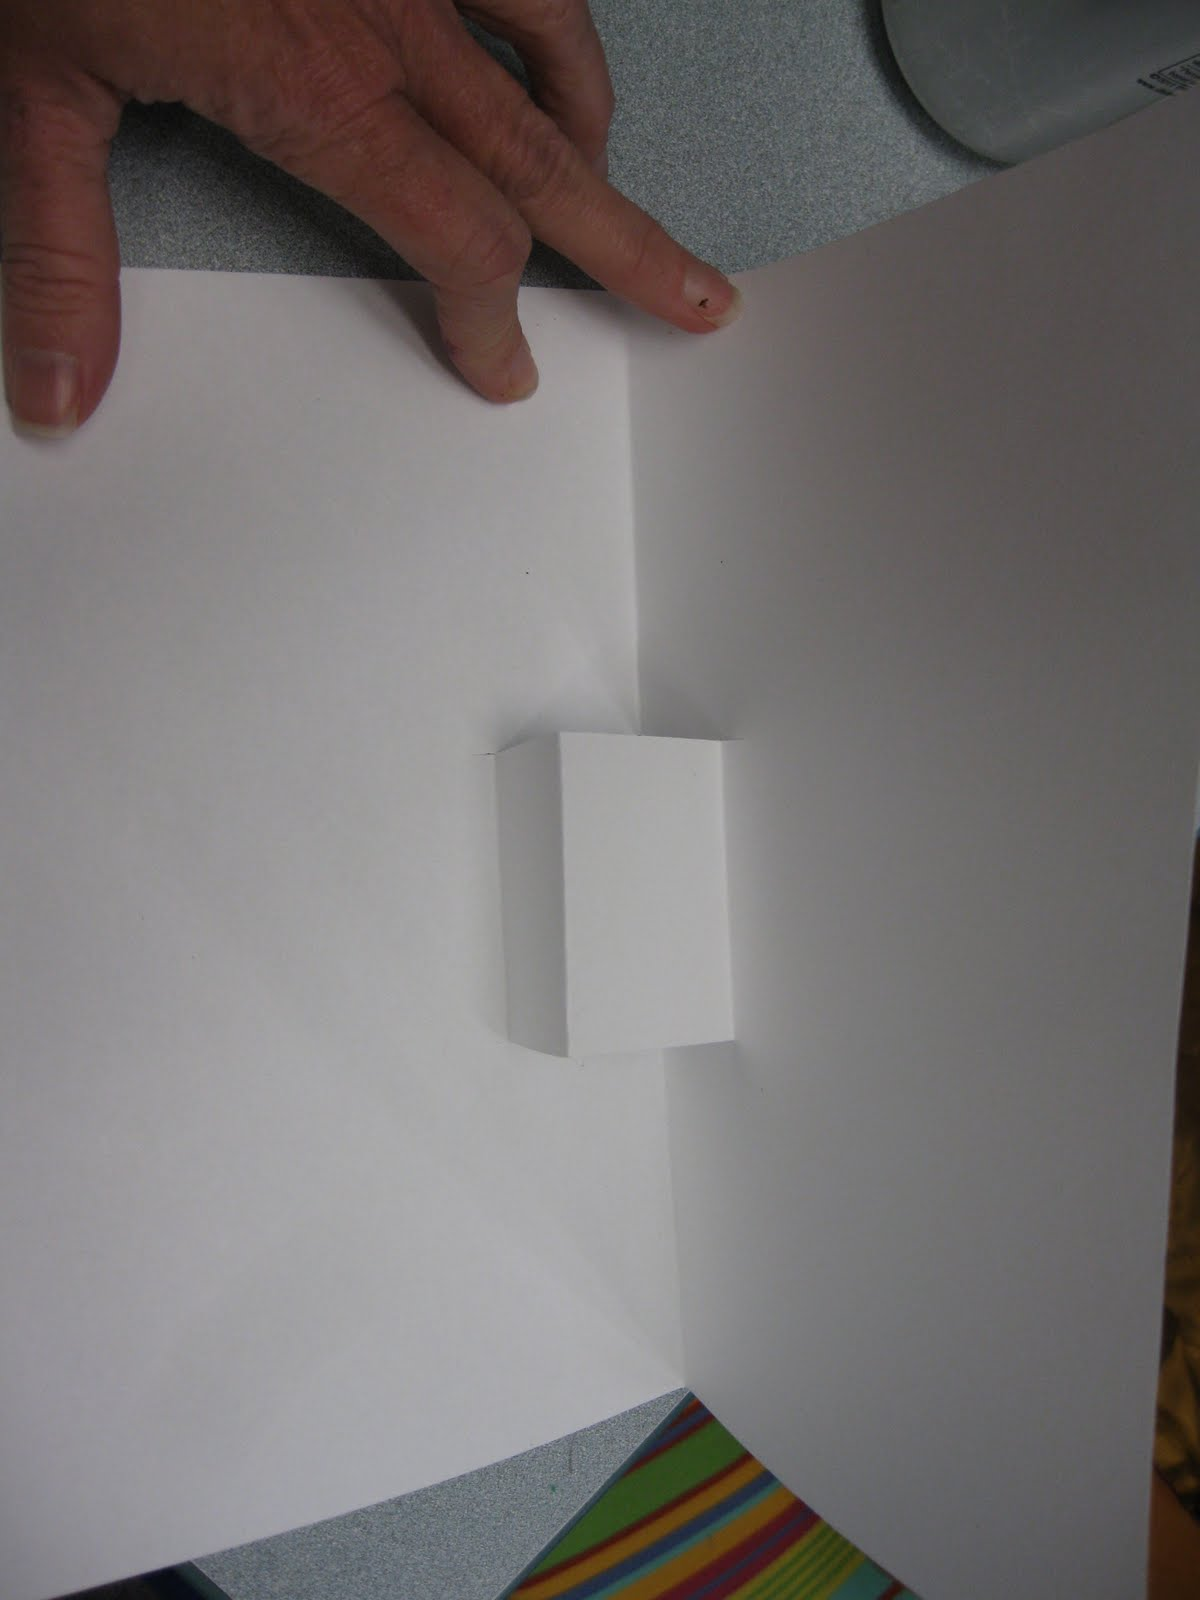 Table Graphic Organizer Main Idea Table Graphic